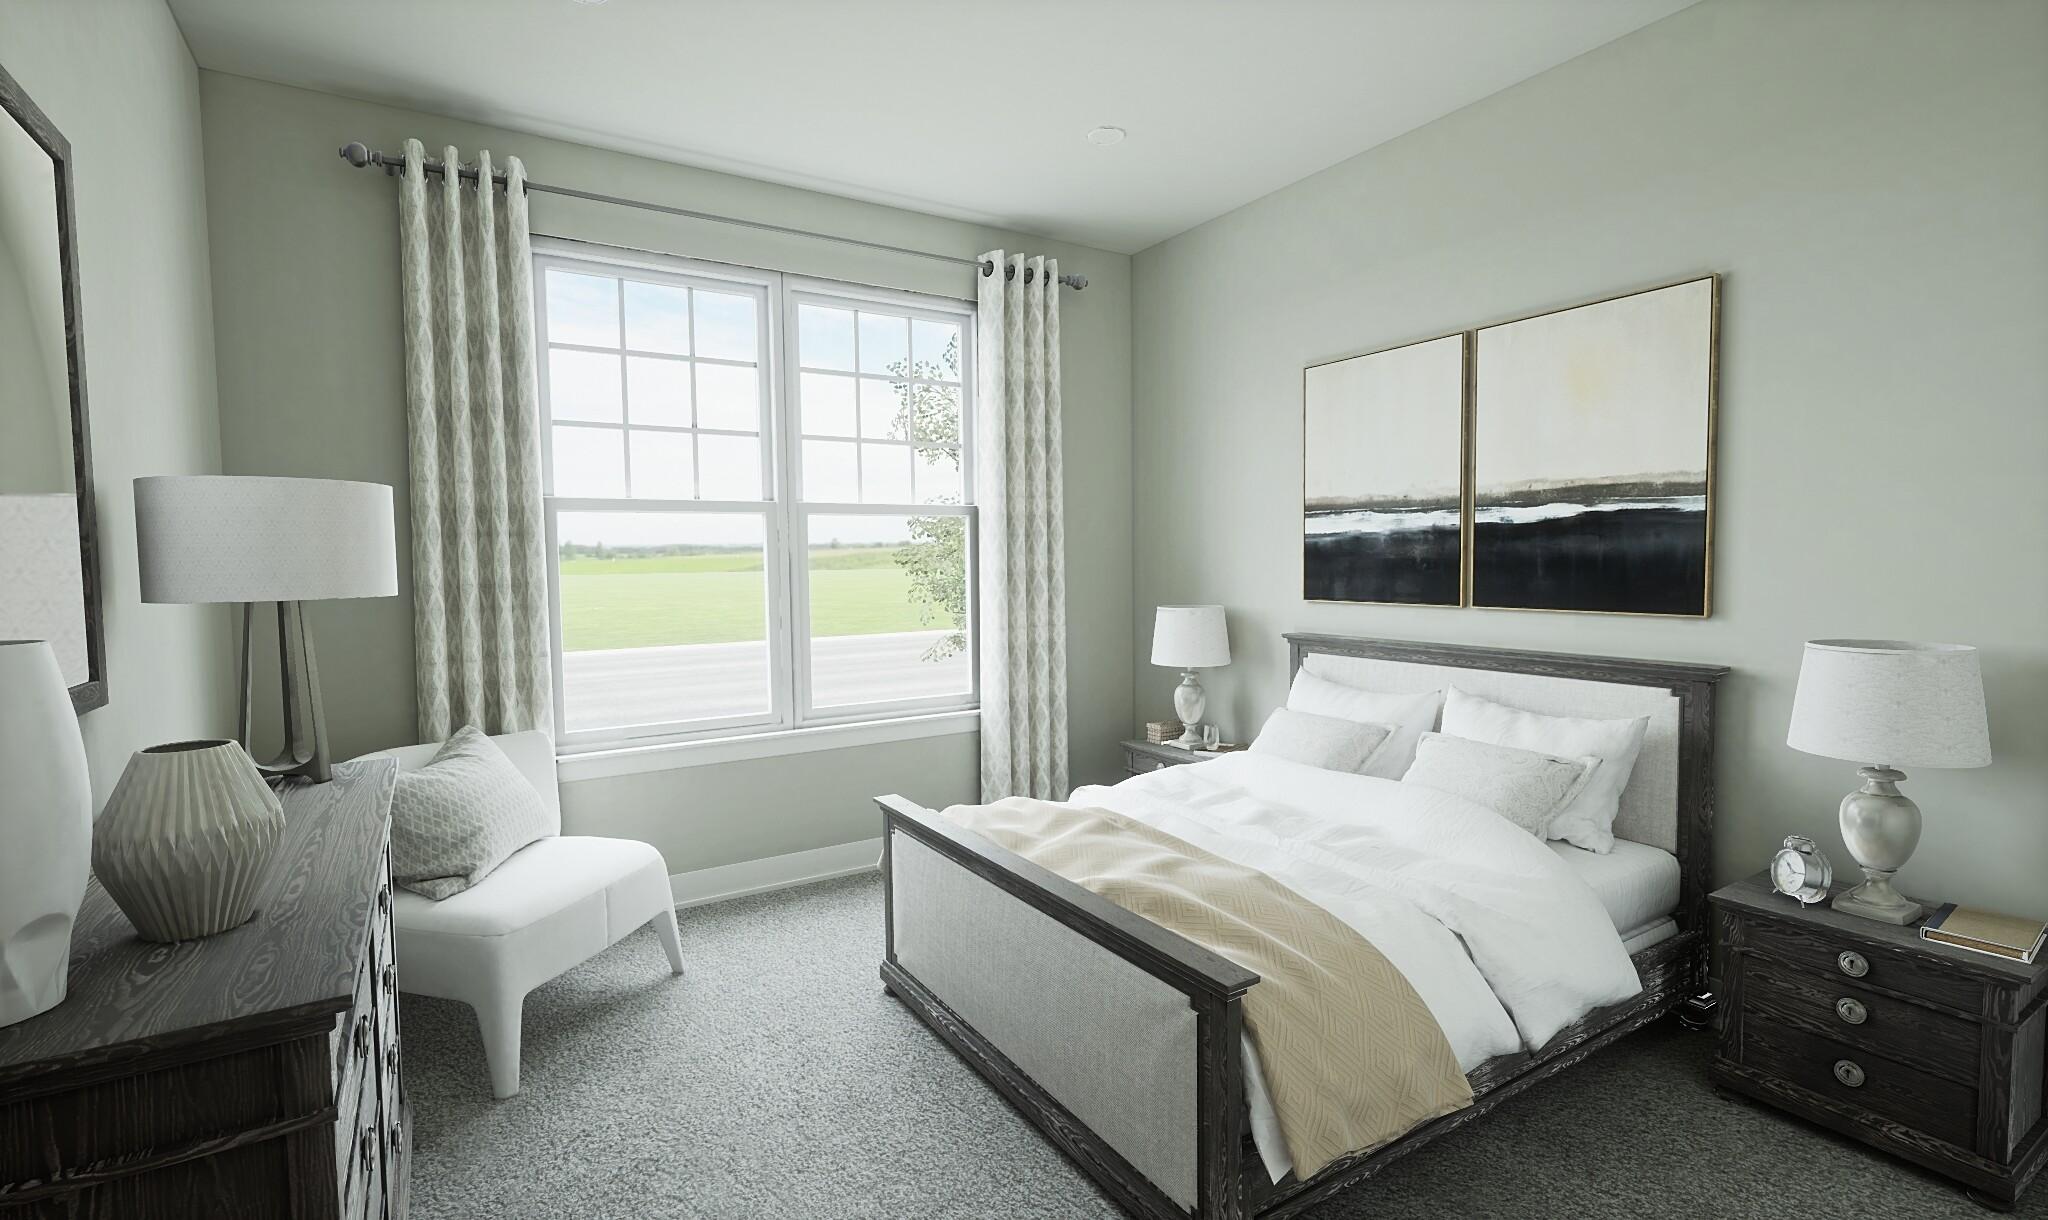 Raleigh03_Bedroom2.jpg